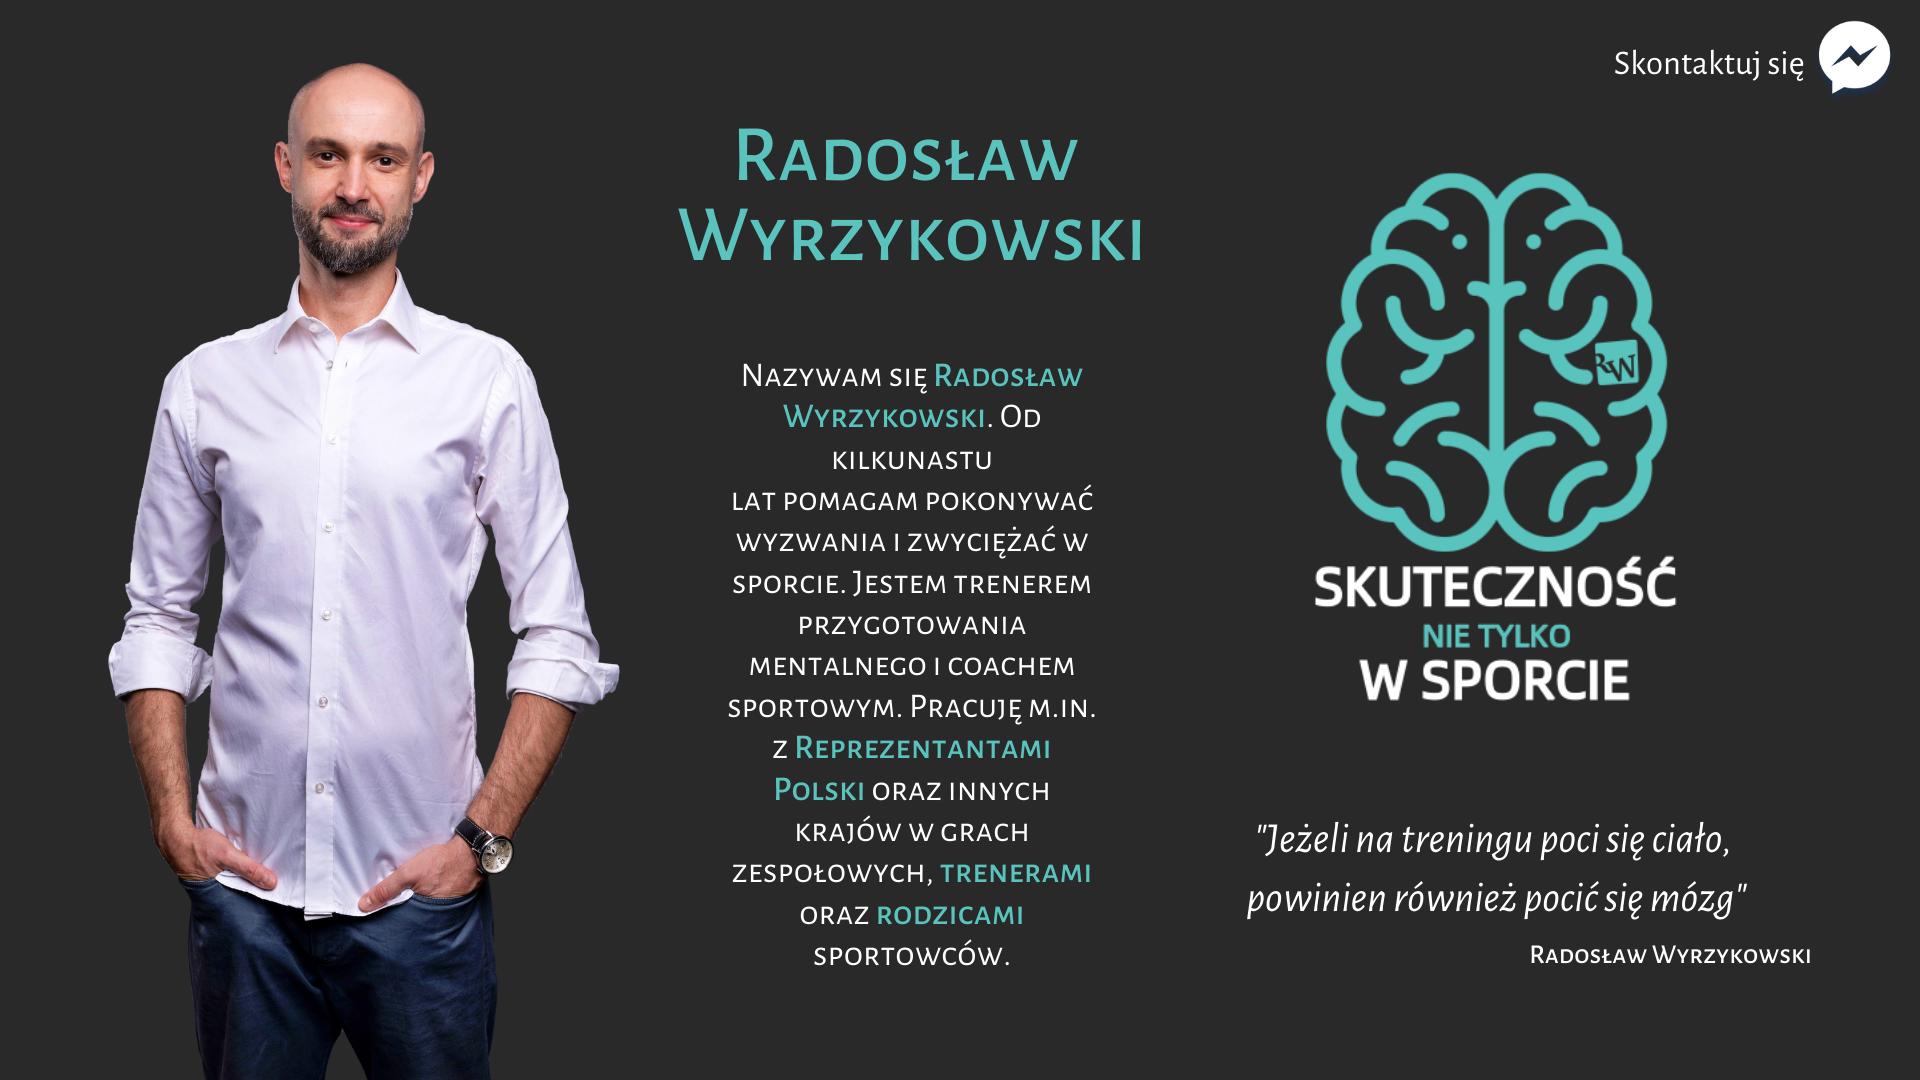 Skuteczność w Sporcie Radosław Wyrzykowski Trener Przygotowania Mentalnego